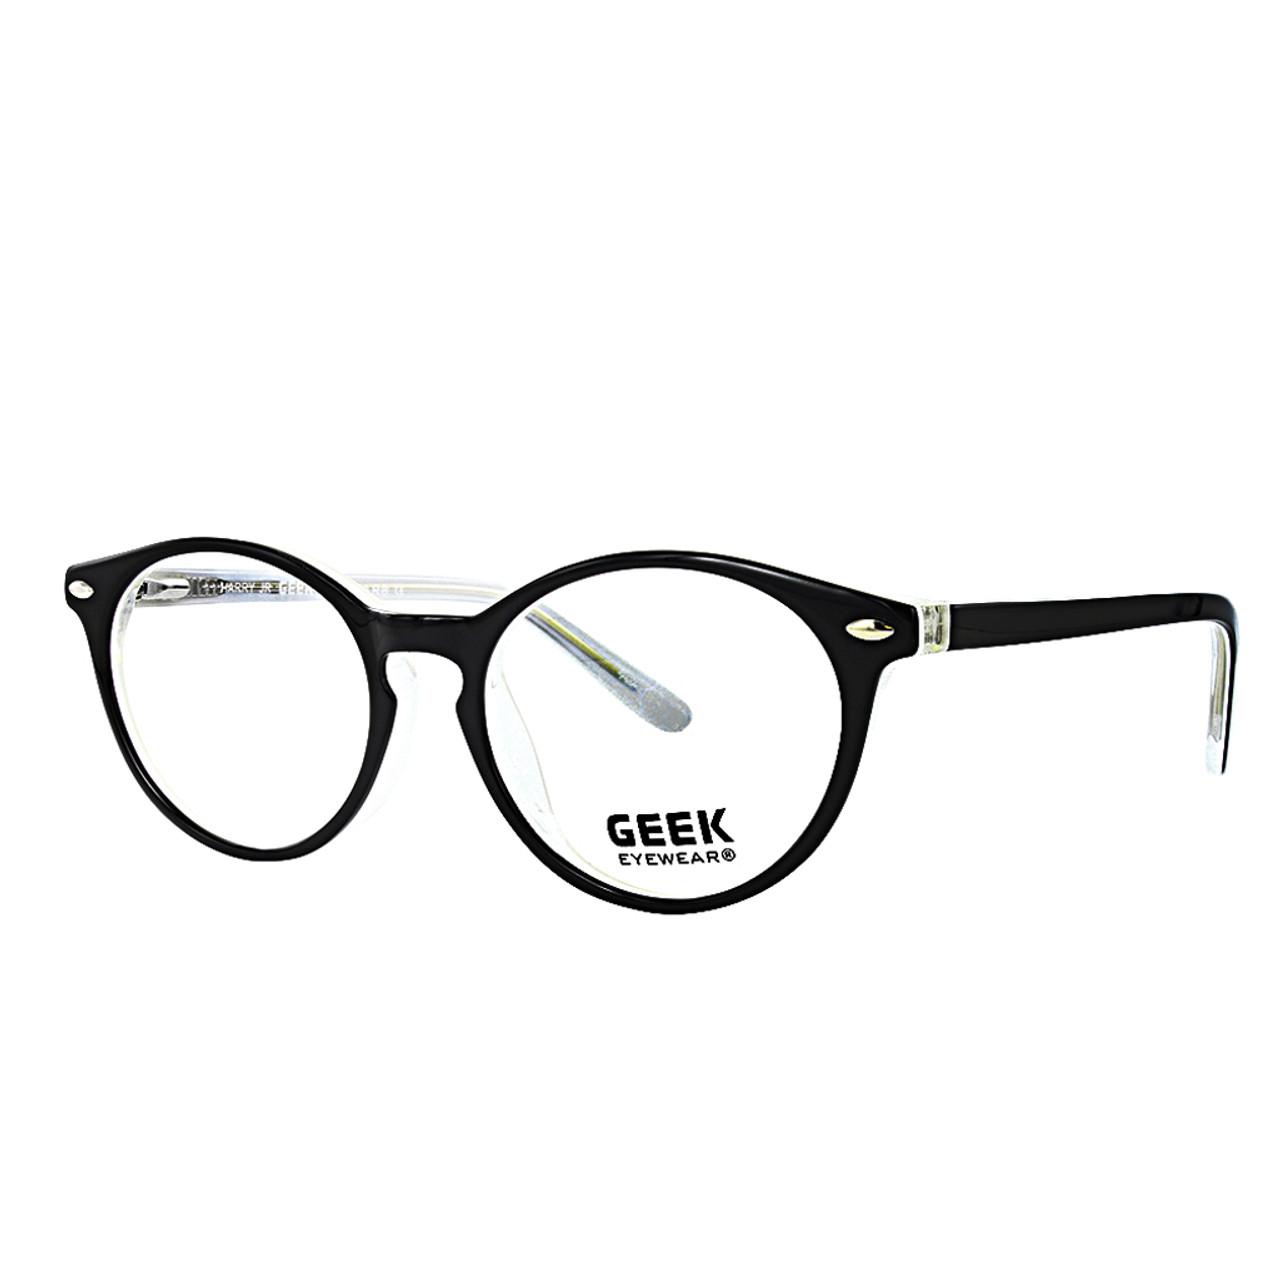 GEEK Eyewear Style HARRY JUNIOR in Black